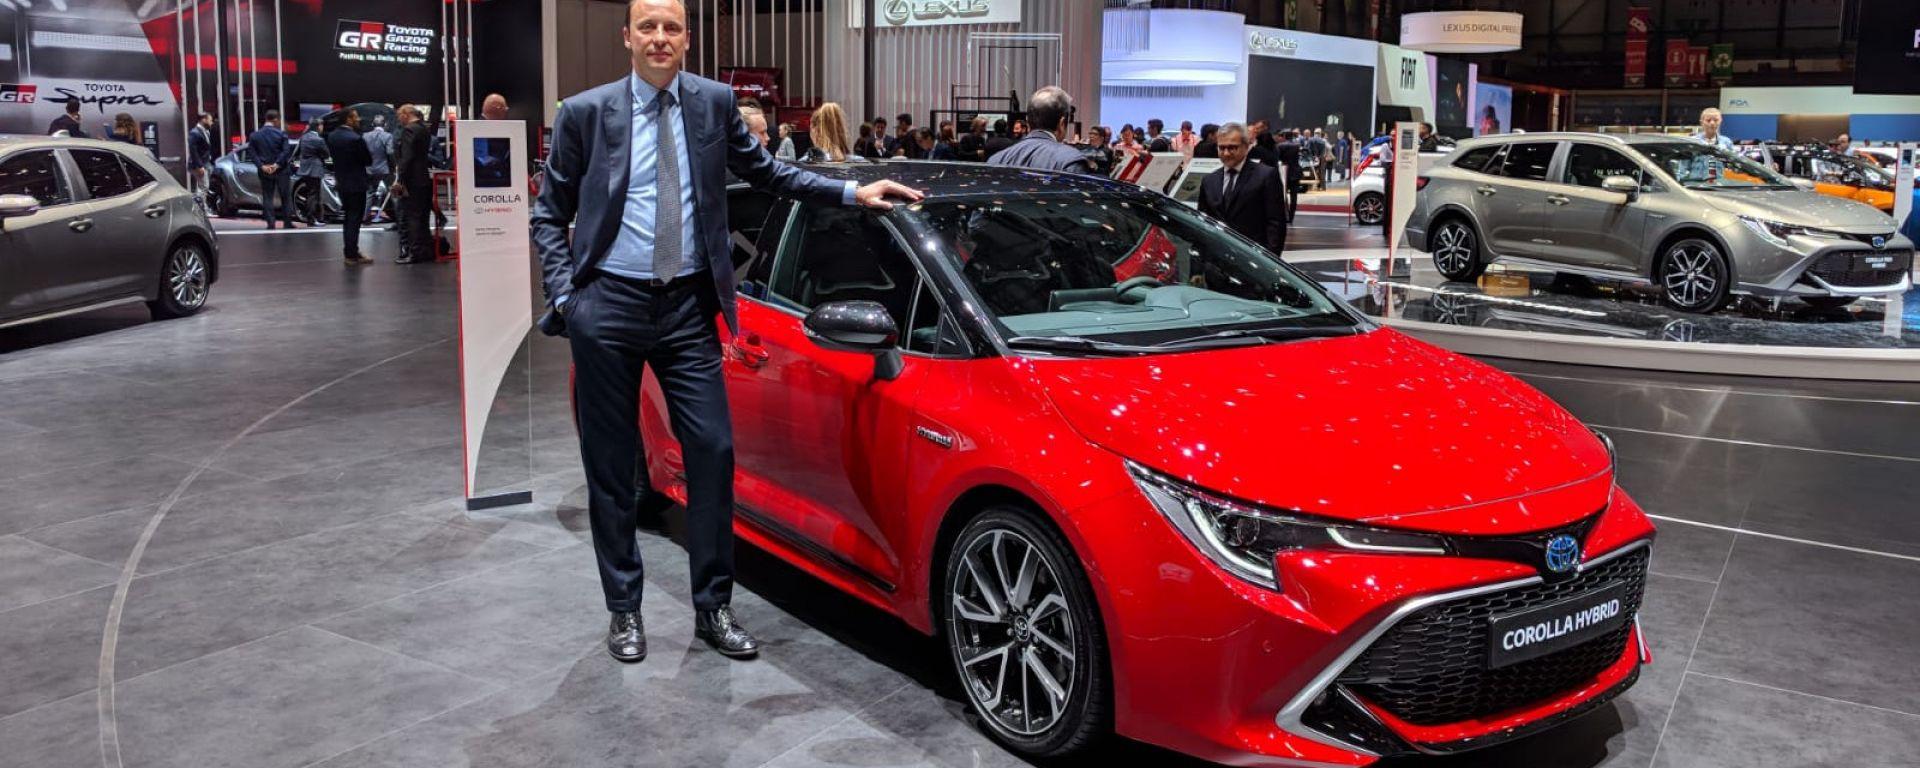 Andrea Saccone, responsabile comunicazione e relazioni esterne Toyota